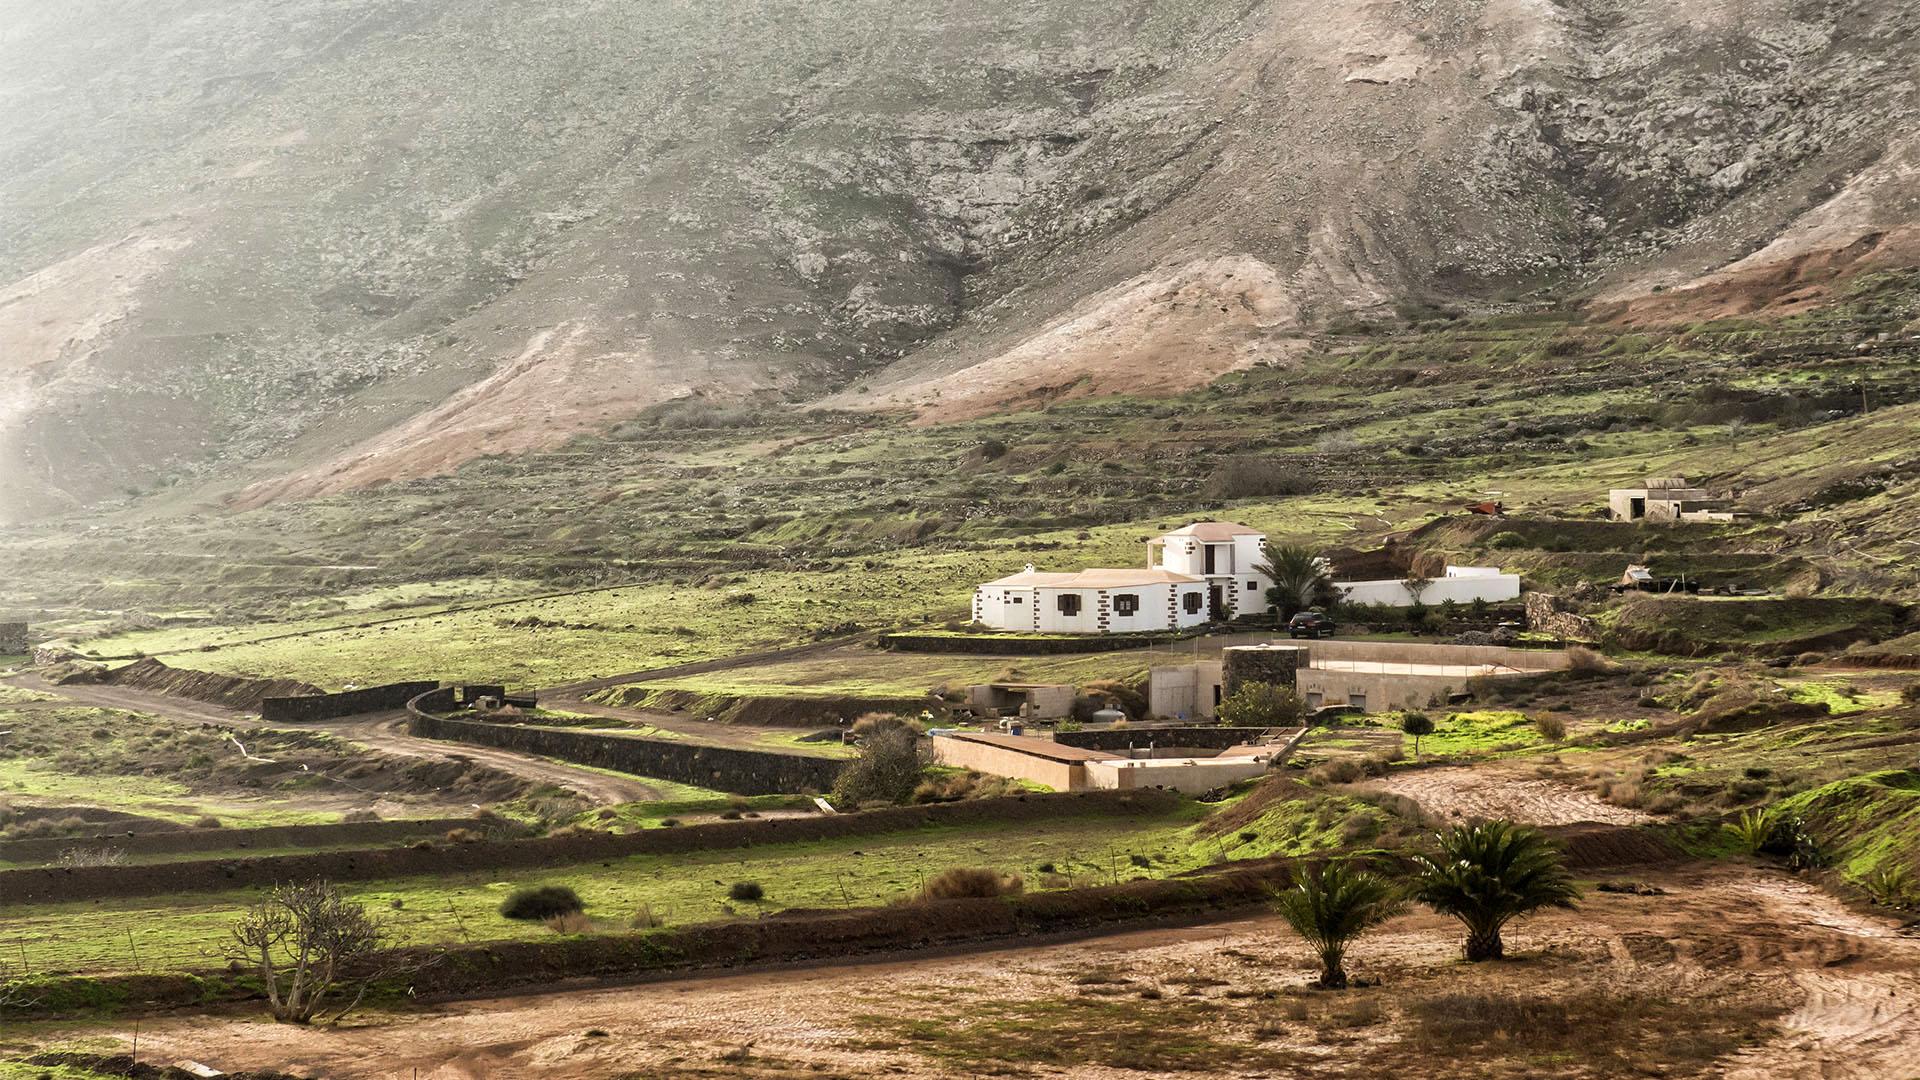 Sehenswürdigkeiten Fuerteventuras: Vallebrón – Mirador de Vallebrón y Fuente la Palma